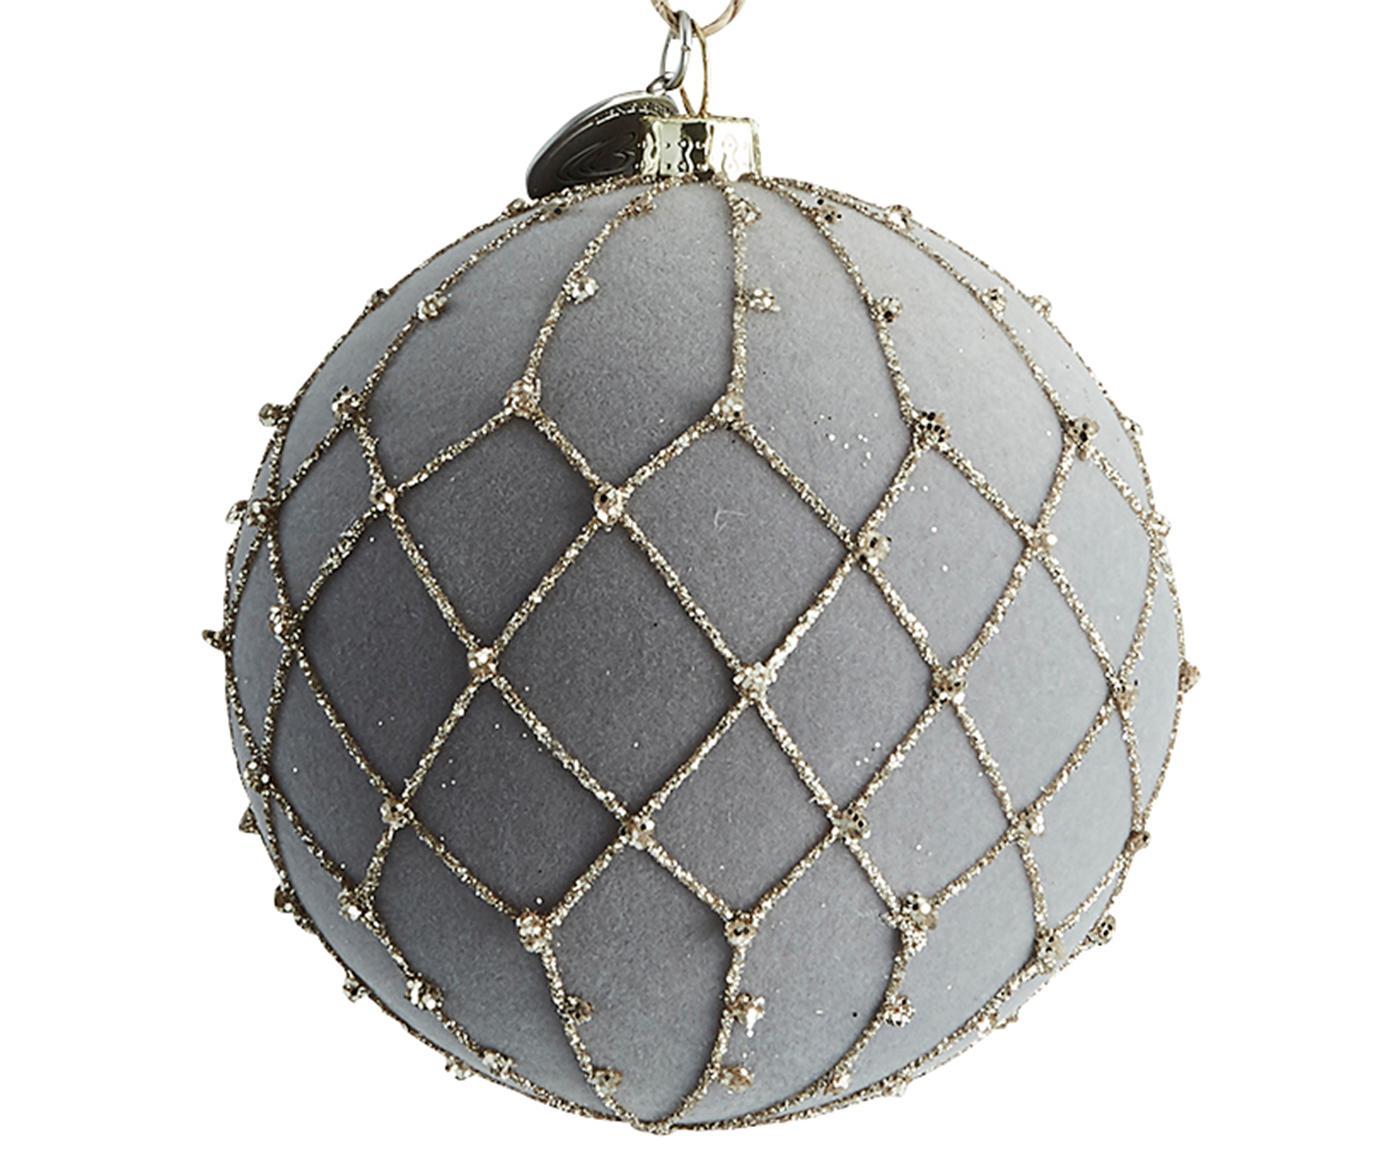 Palla di natale Jalia, Materiale sintetico, velluto di poliestere, Grigio, dorato, Ø 8 cm